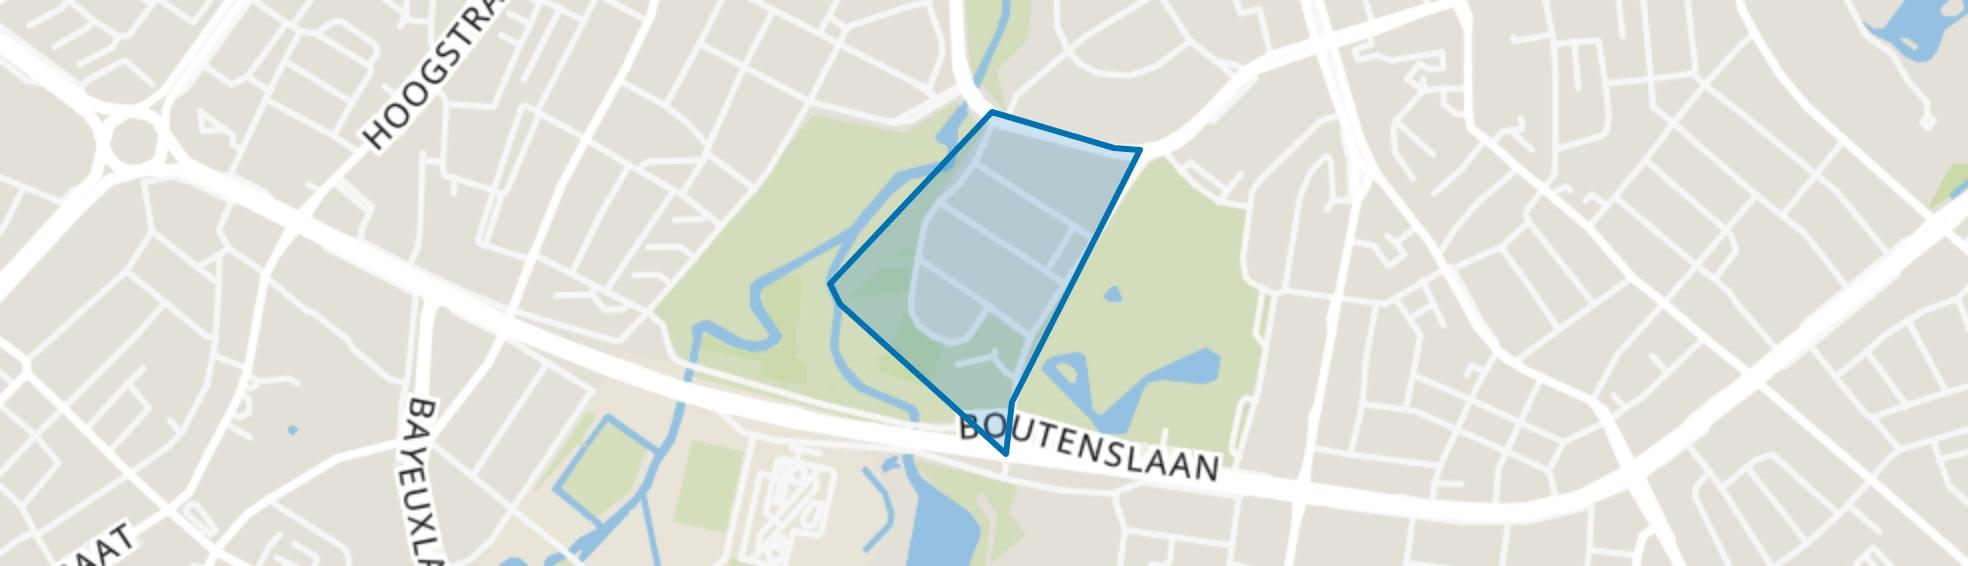 Elzent-Zuid, Eindhoven map